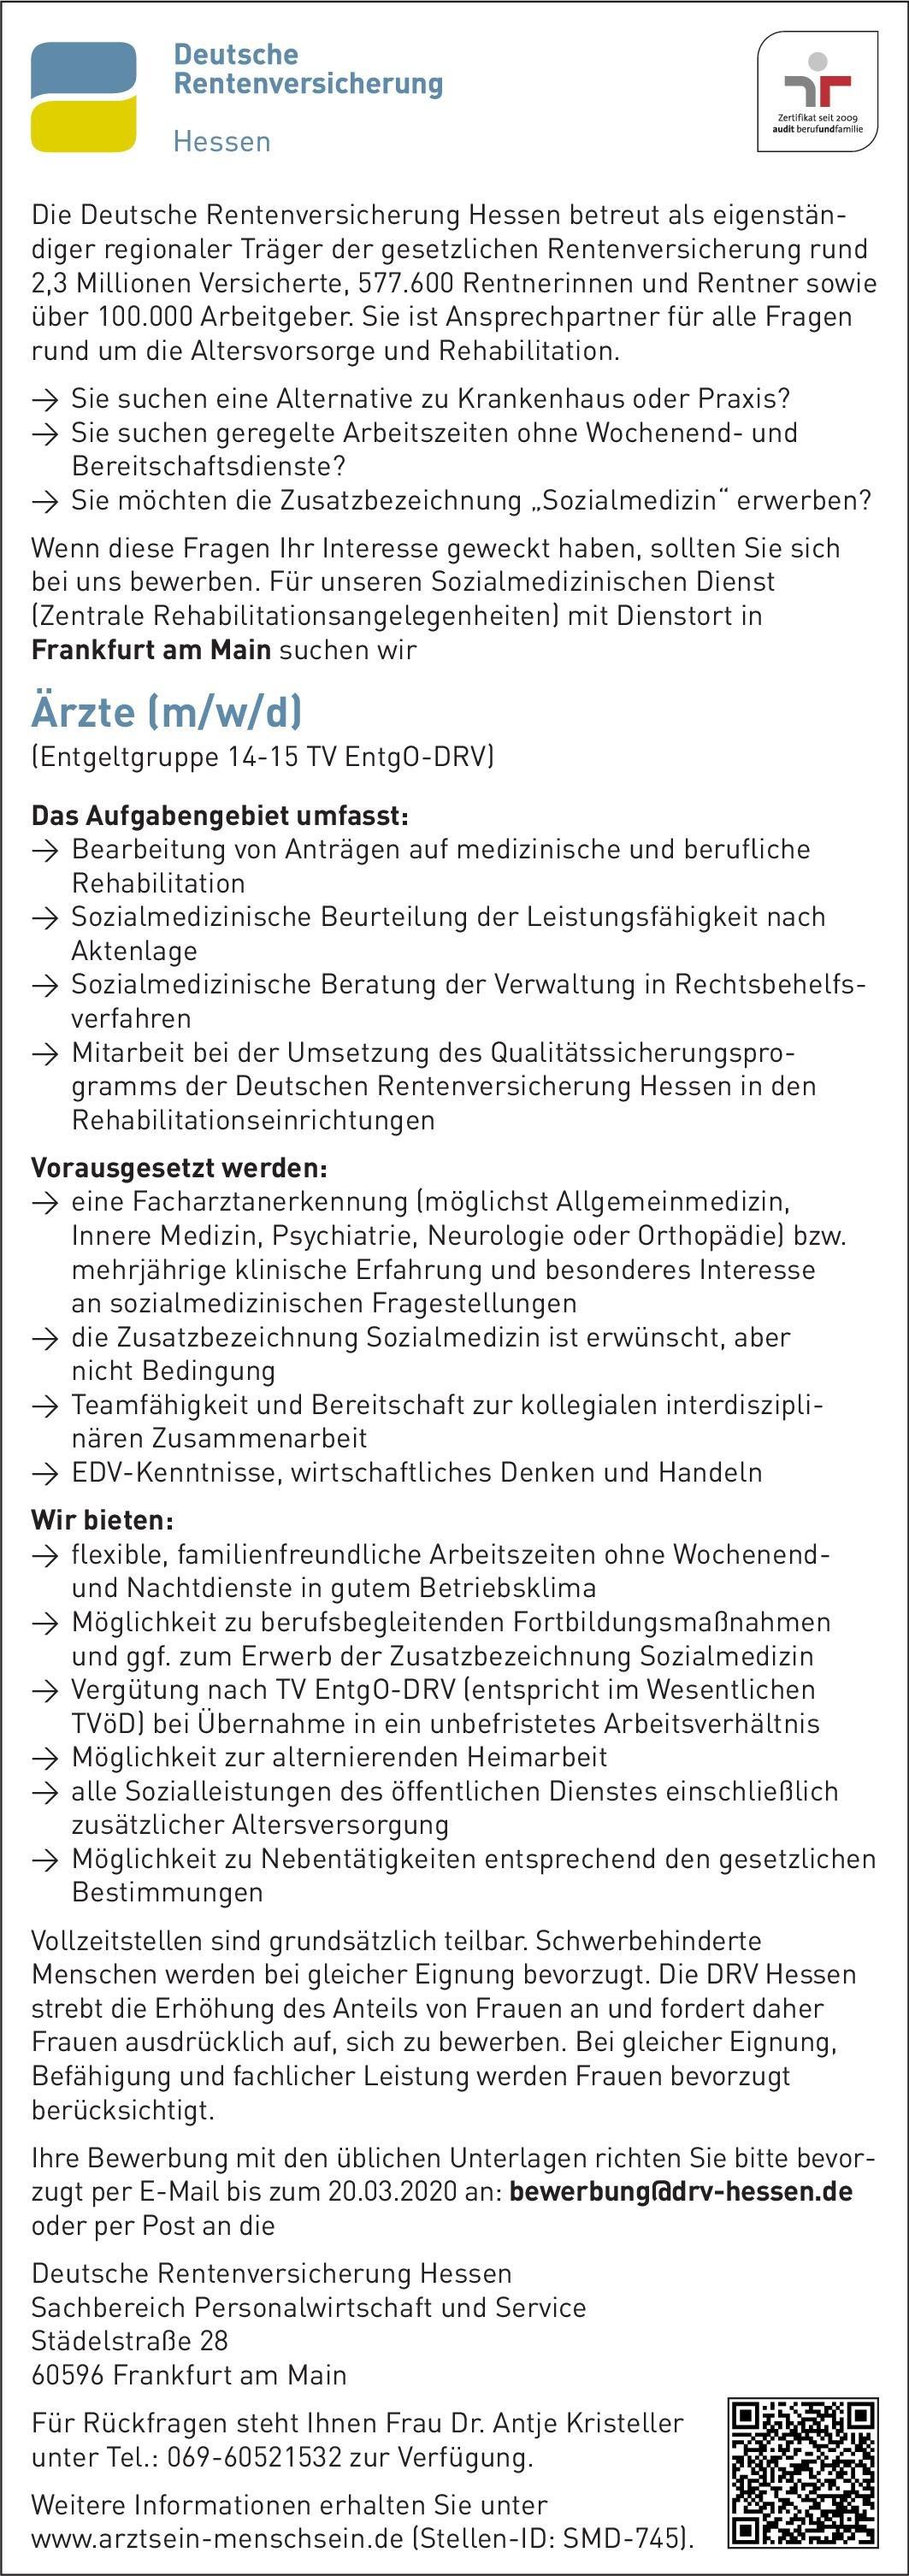 Deutsche Rentenversicherung Hessen Ärzte (m/w/d)  Innere Medizin, Orthopädie und Unfallchirurgie, Psychiatrie und Psychotherapie Arzt / Facharzt